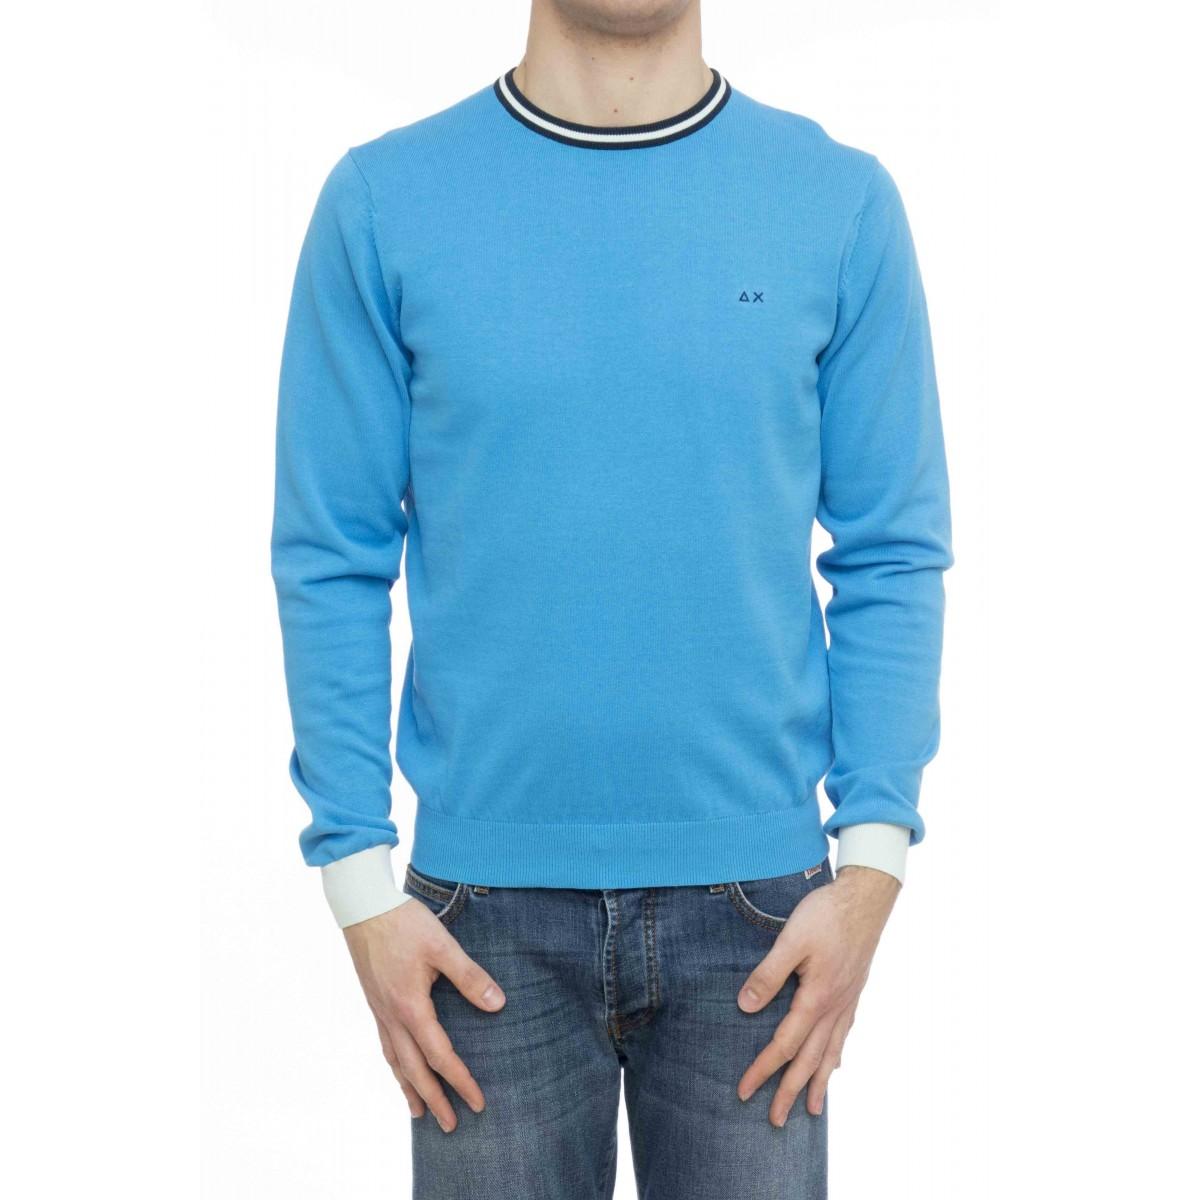 Maglia uomo - K19107 maglia giro bordino